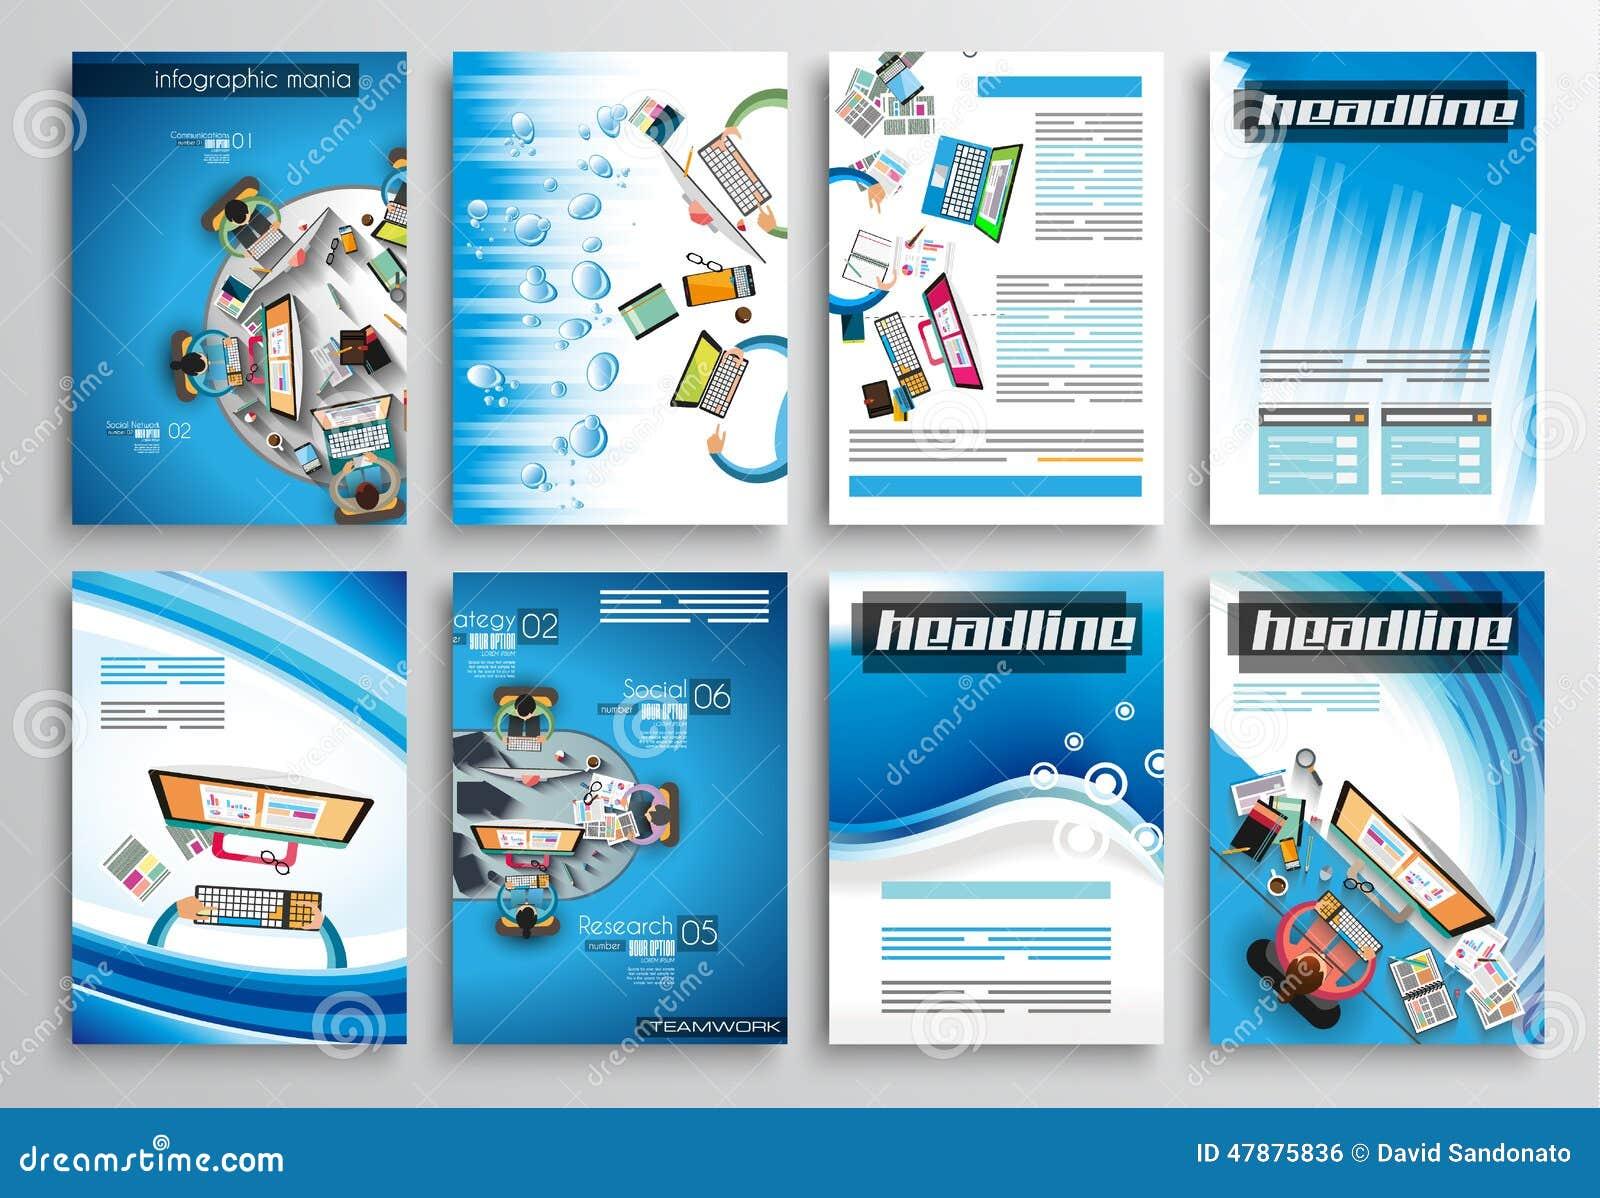 Fun Day Poster Design flyer stock photos images u0026amp – Fun Poster Templates